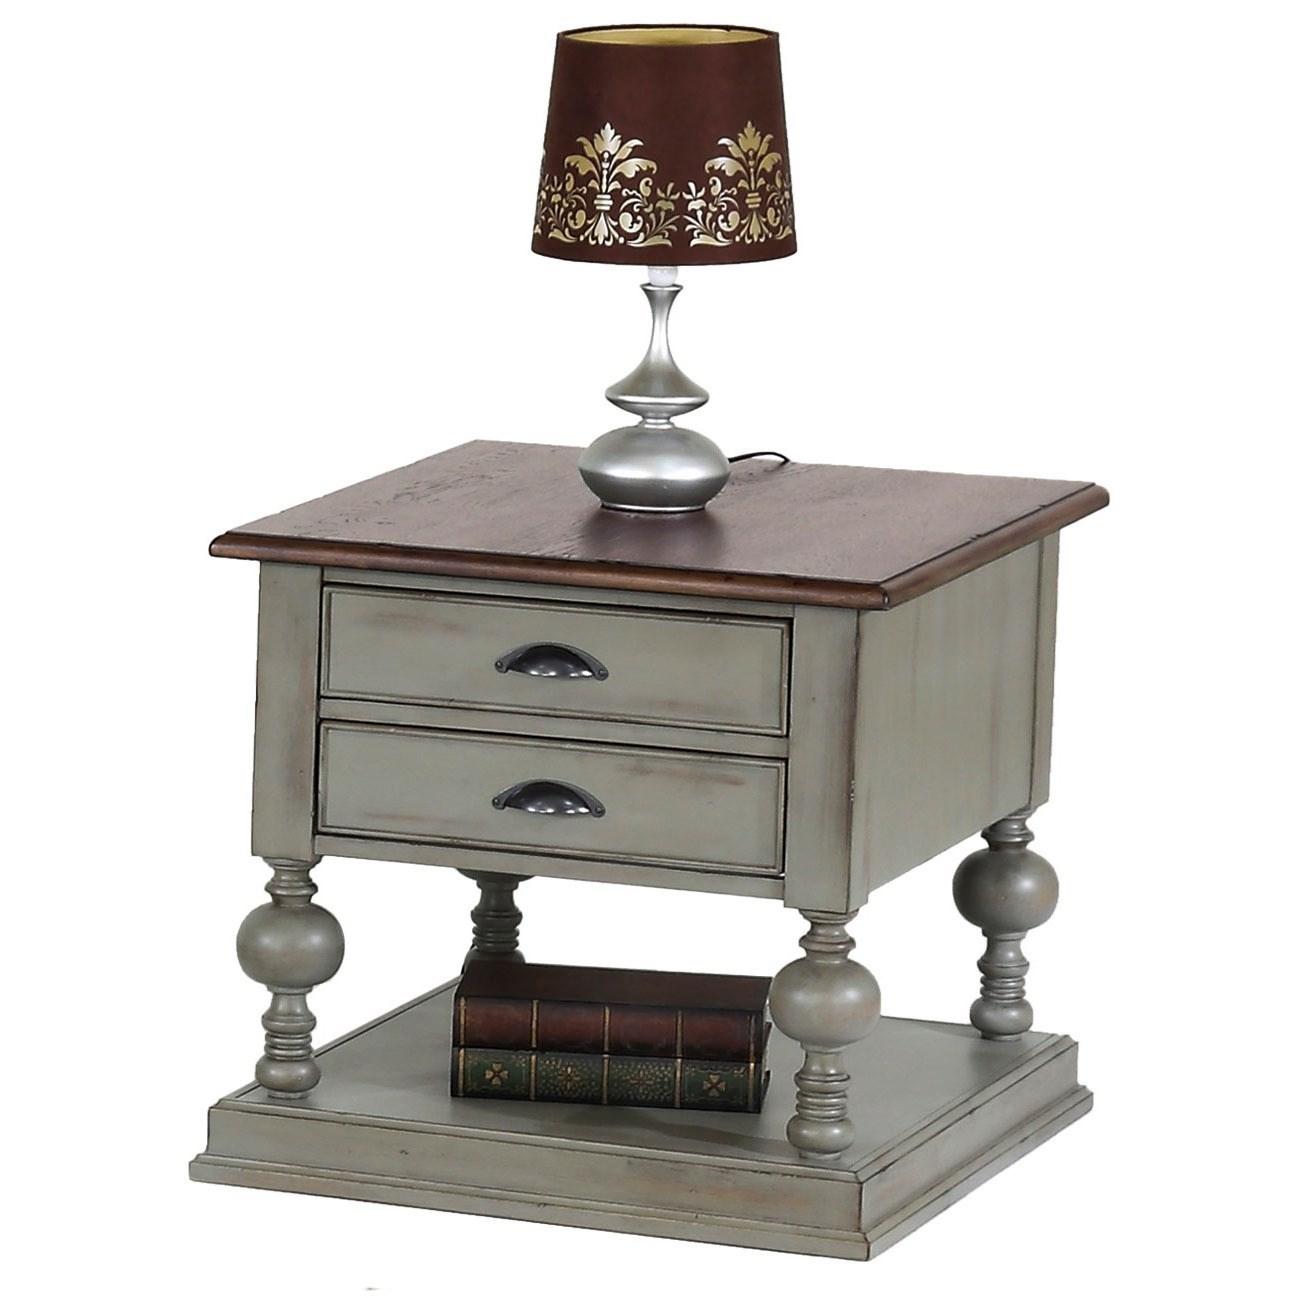 Progressive Furniture Colonnades Rectangular End Table - Item Number: T580-04